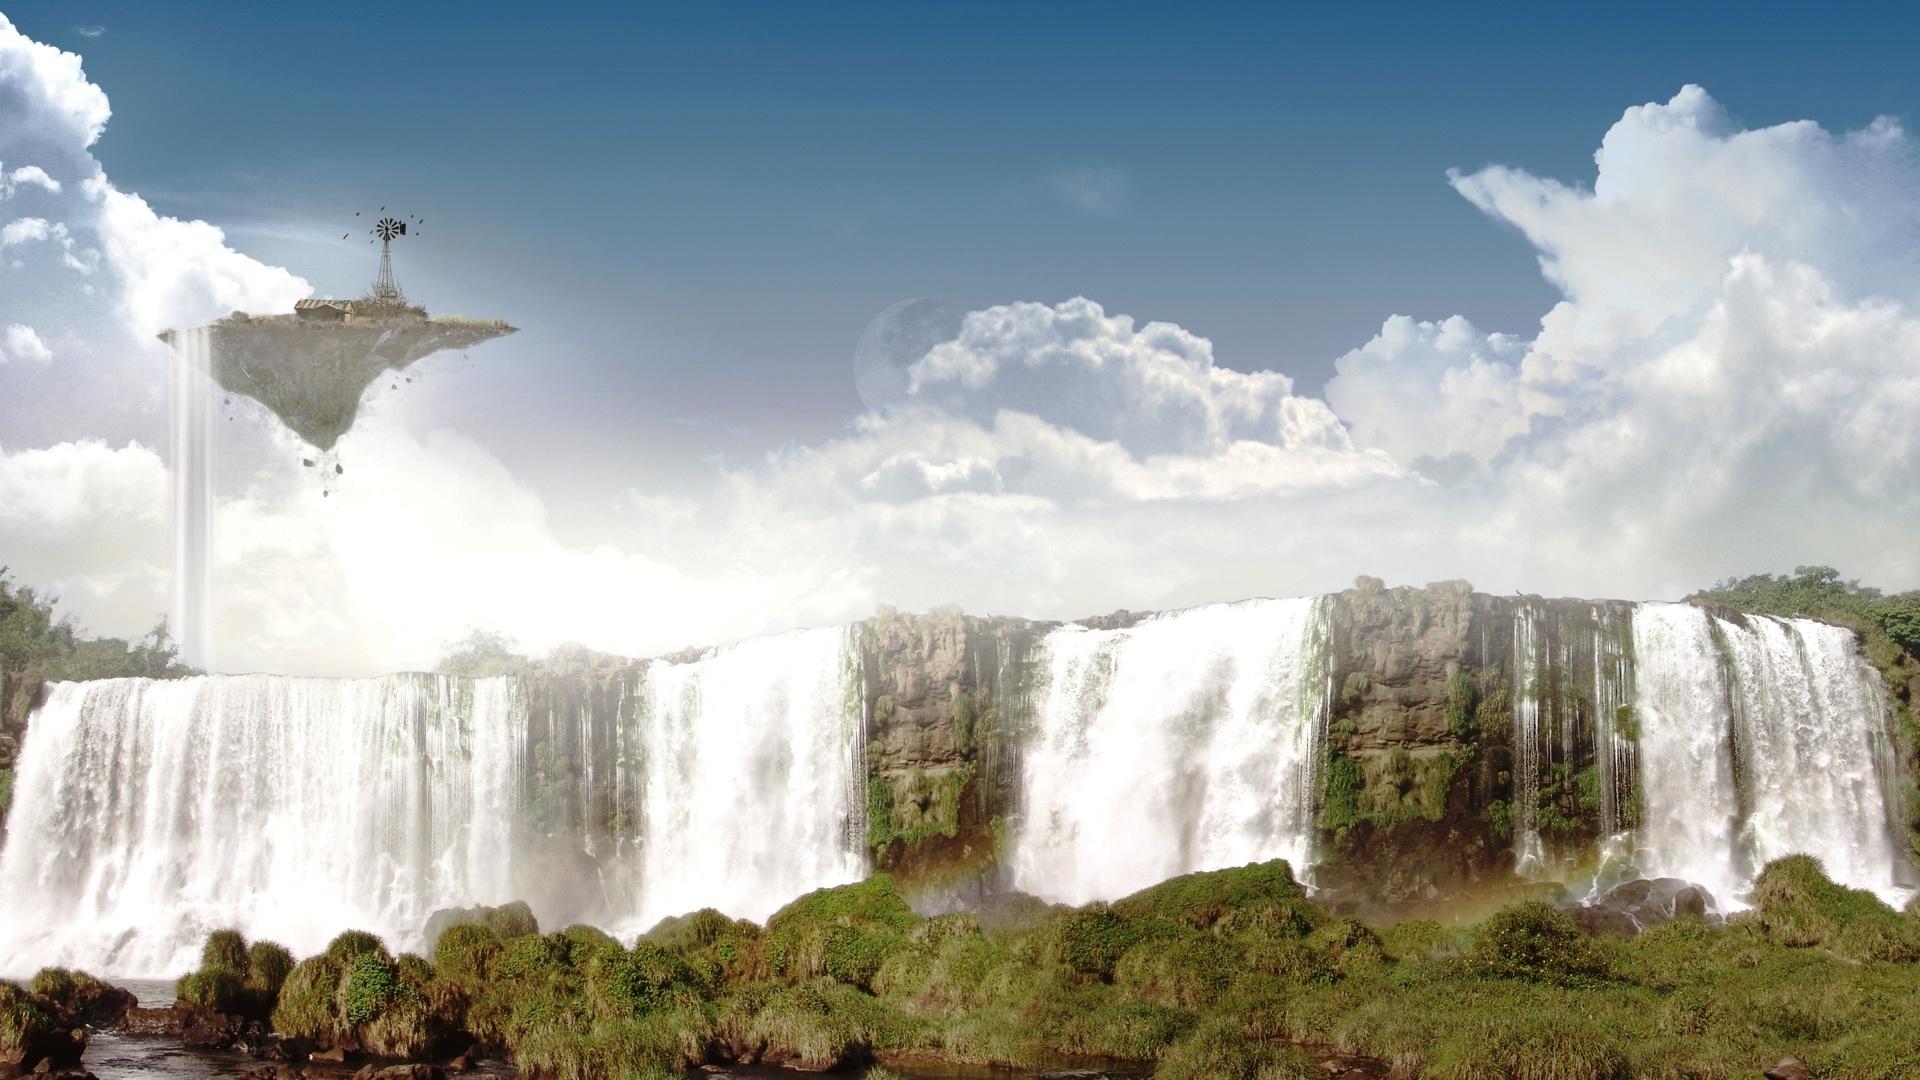 34310 скачать обои Пейзаж, Фэнтези, Водопады - заставки и картинки бесплатно